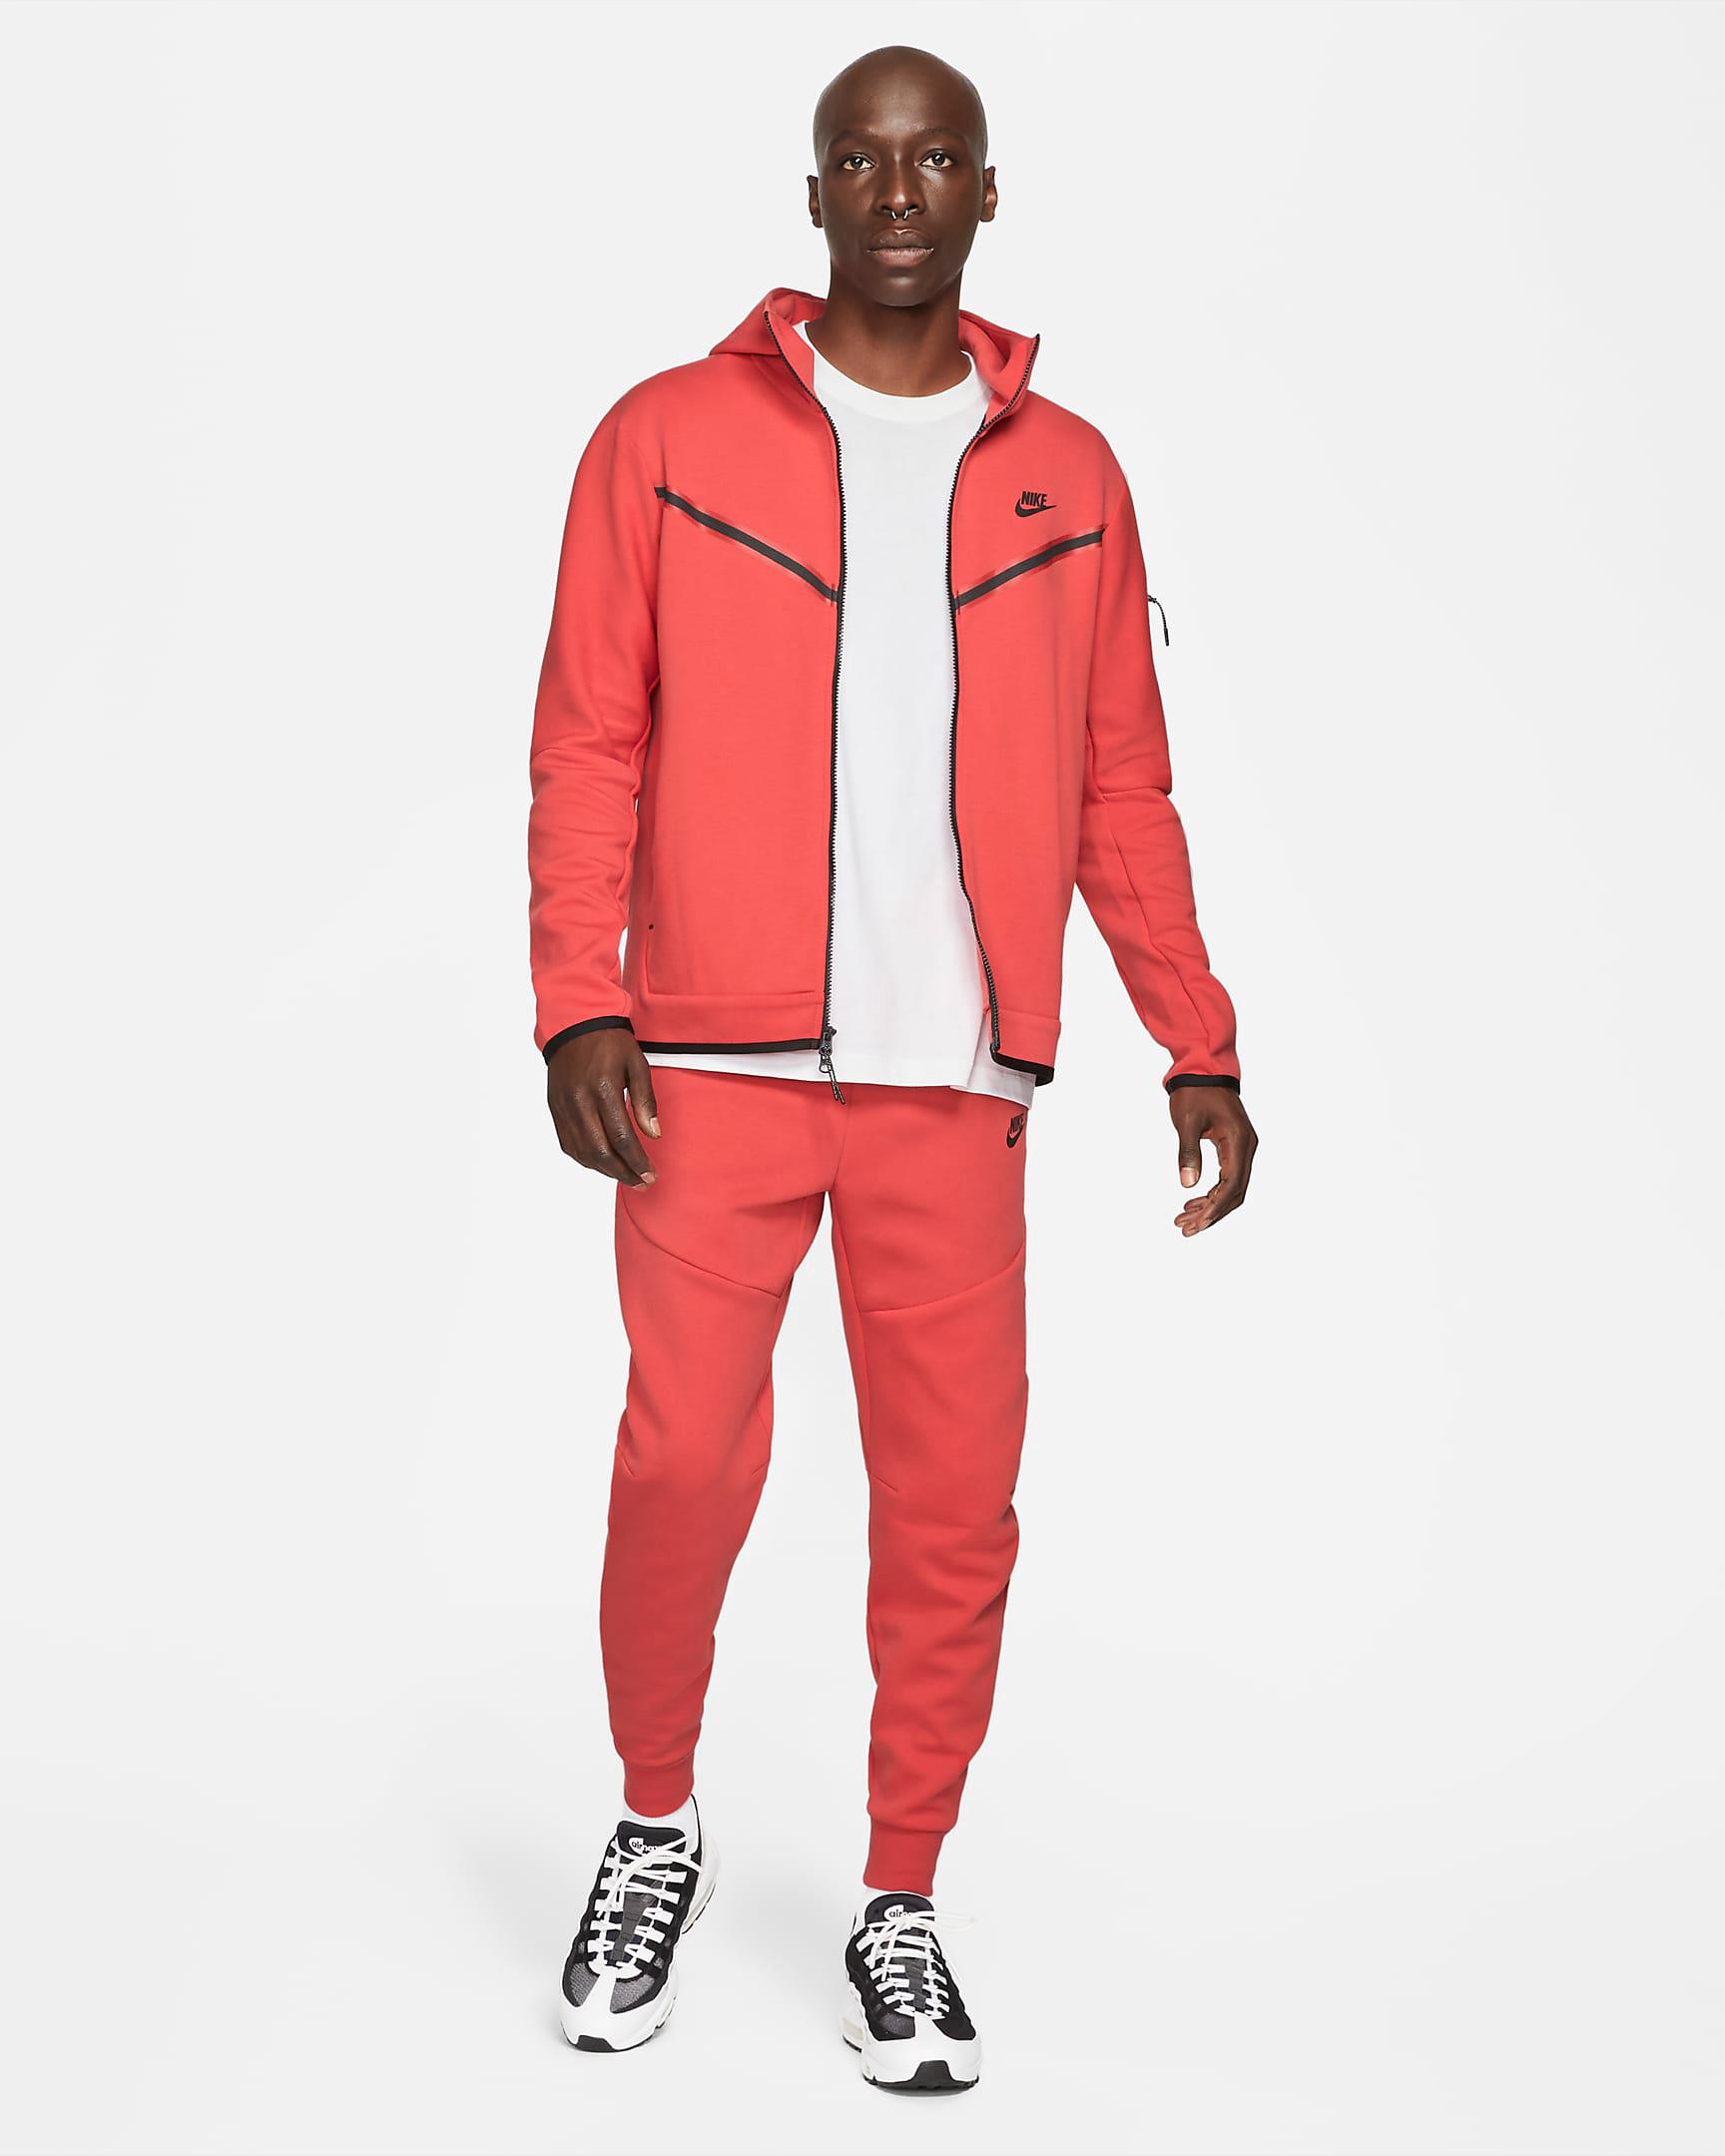 nike-lobster-tech-fleece-clothing